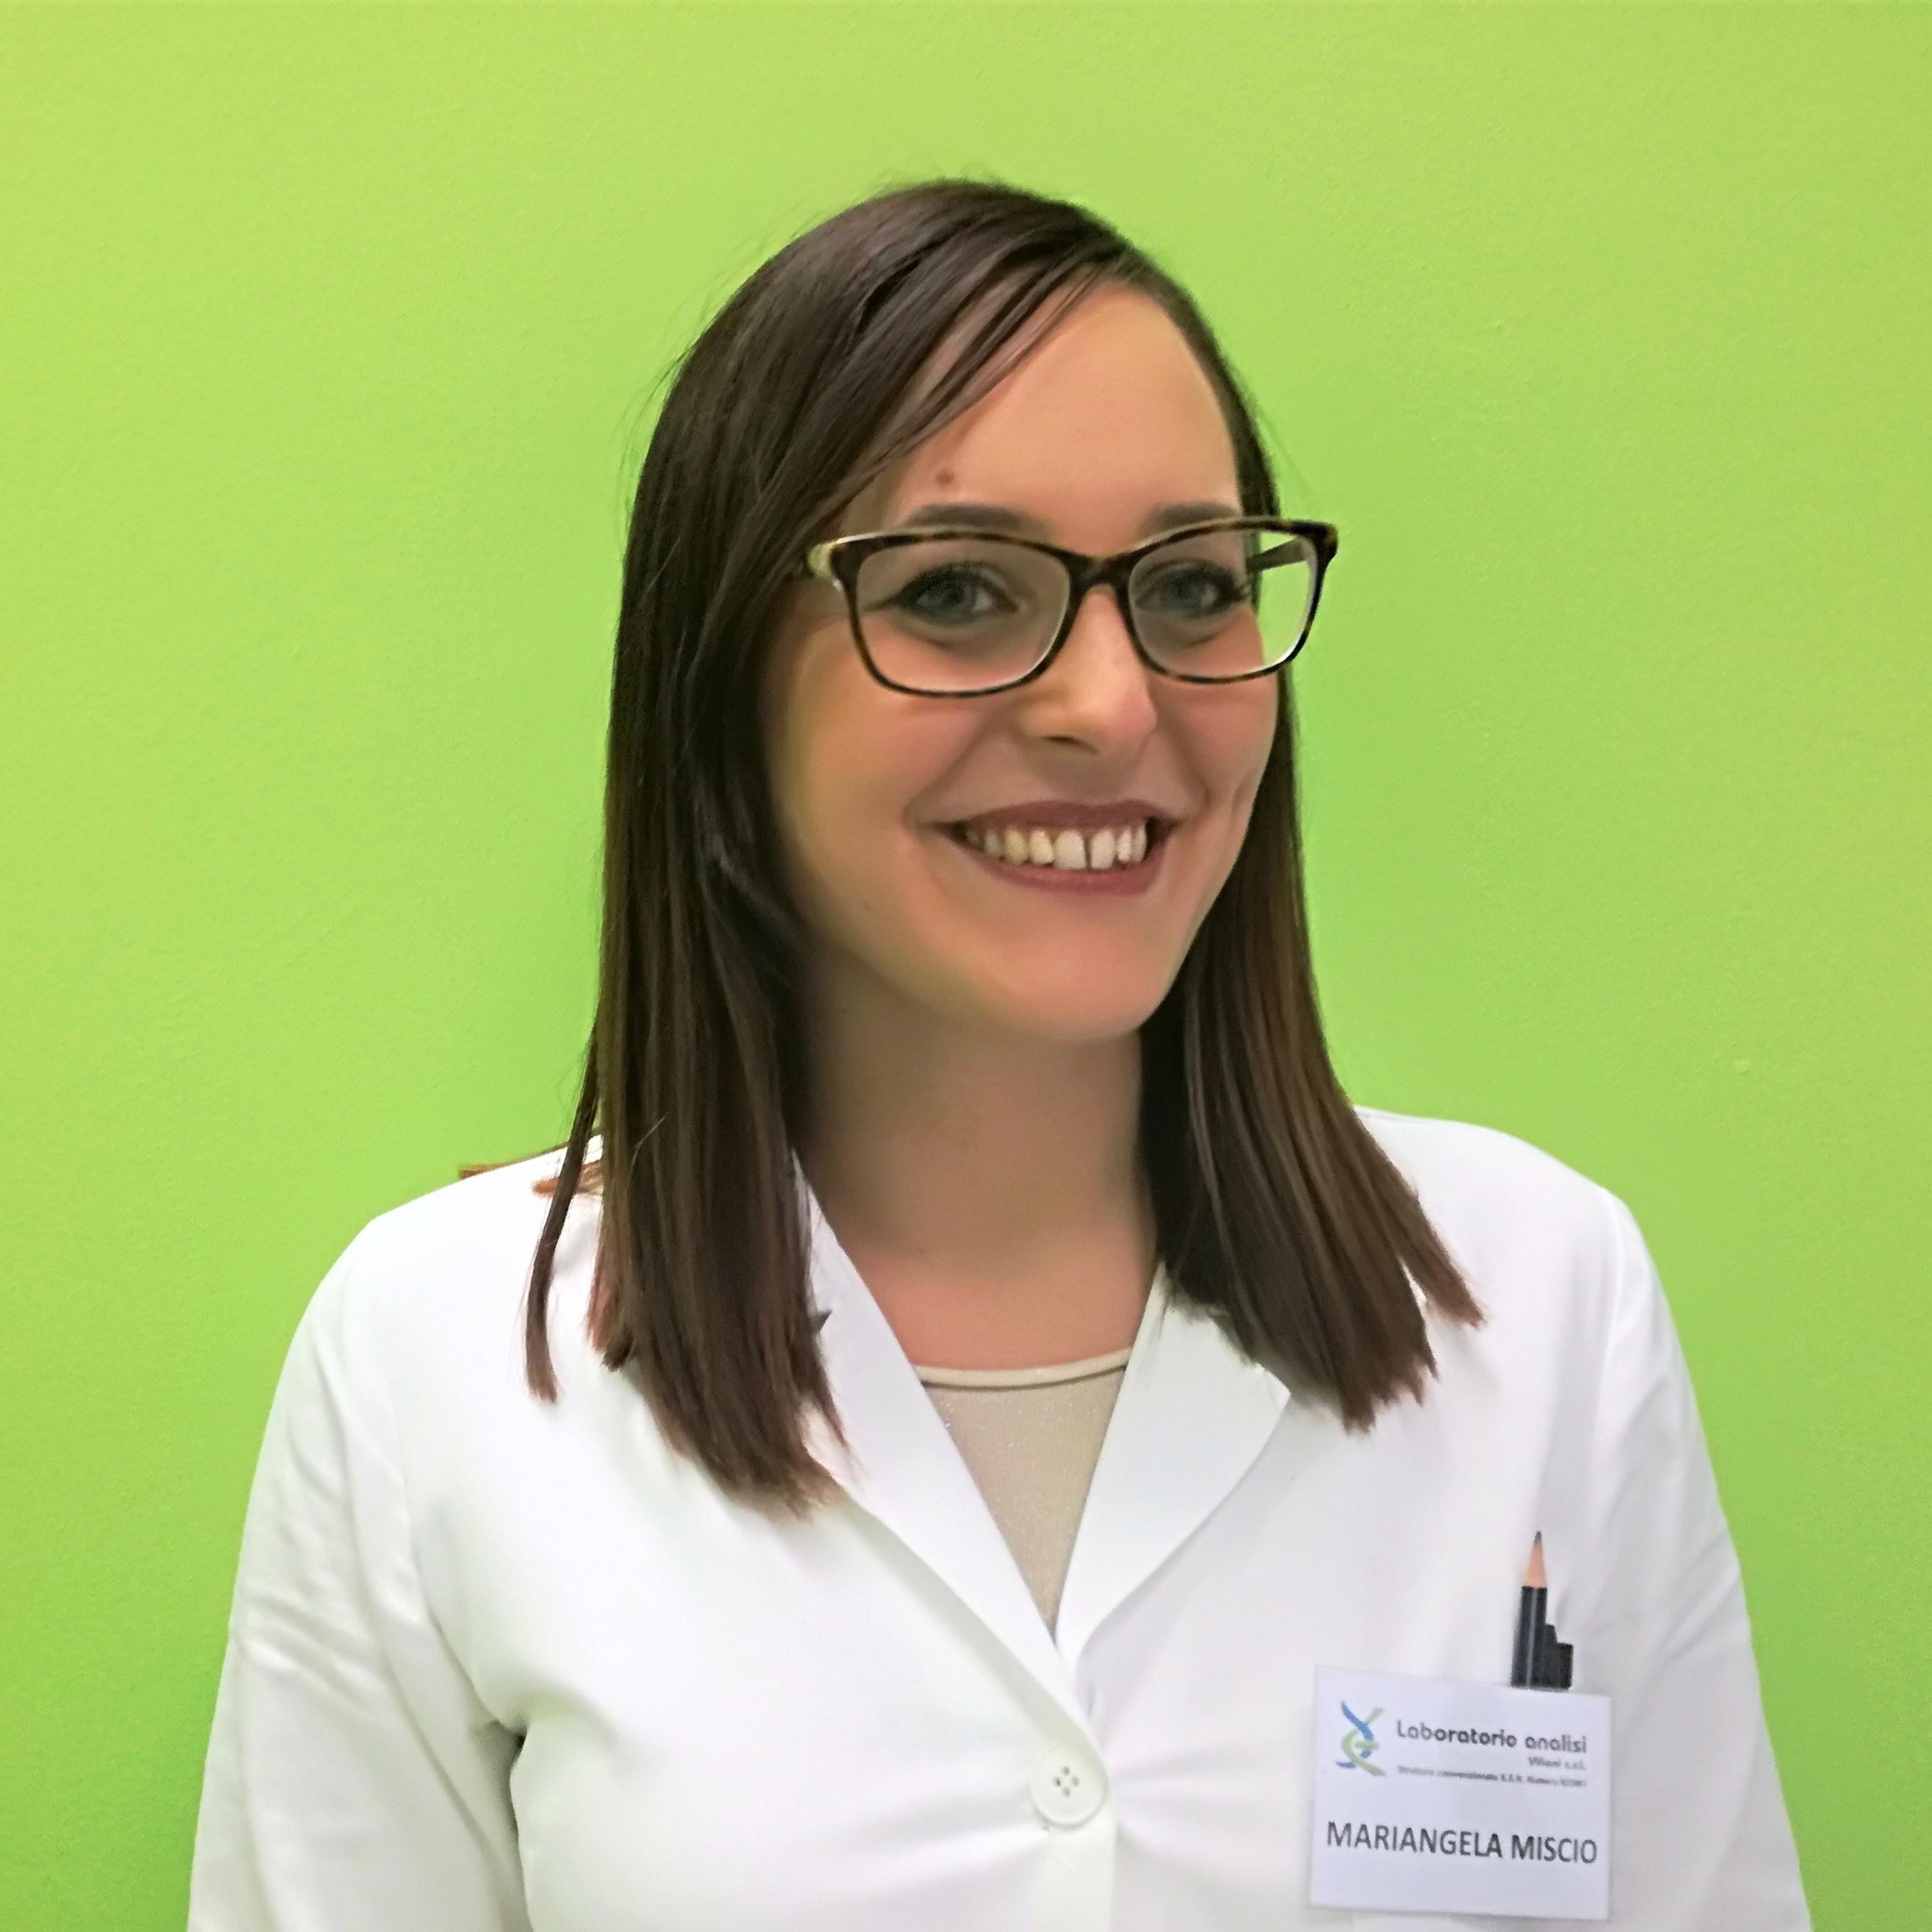 dott.ssa Mariangela Miscio - Biologa